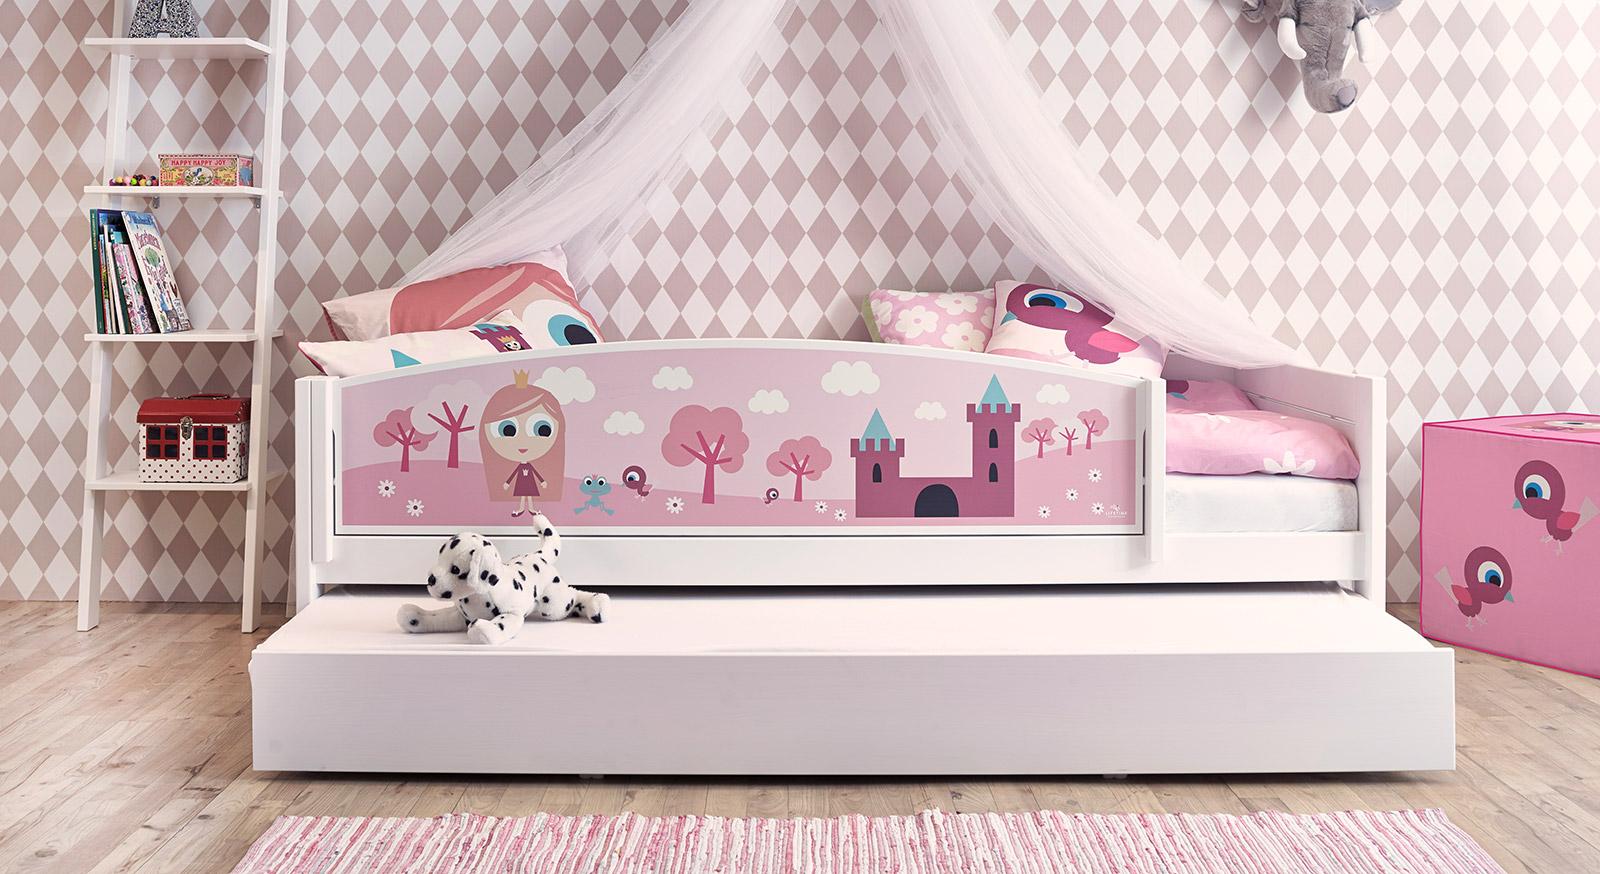 Kinderbett für kleine Prinzessinnen - LIFETIME Prinzessin